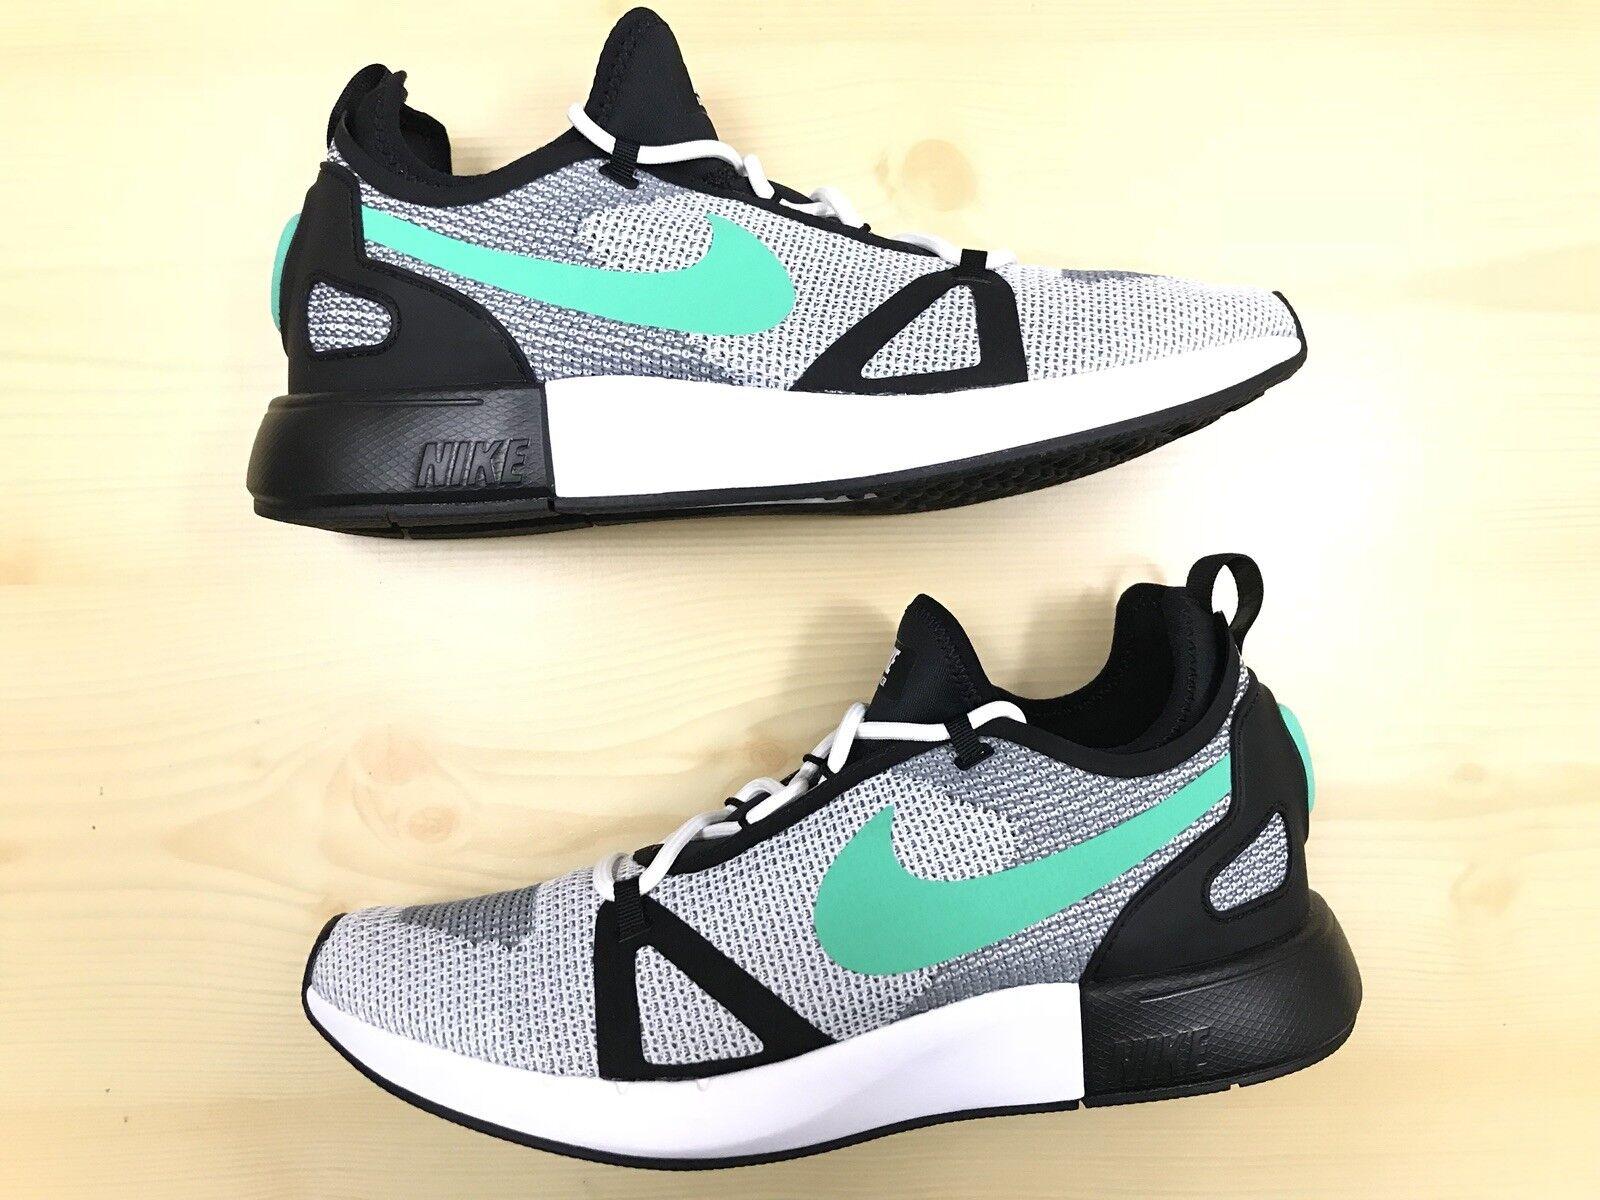 New Nike Mens Duel Racer Run Running shoes 918228-101 Sz 10 white Menta